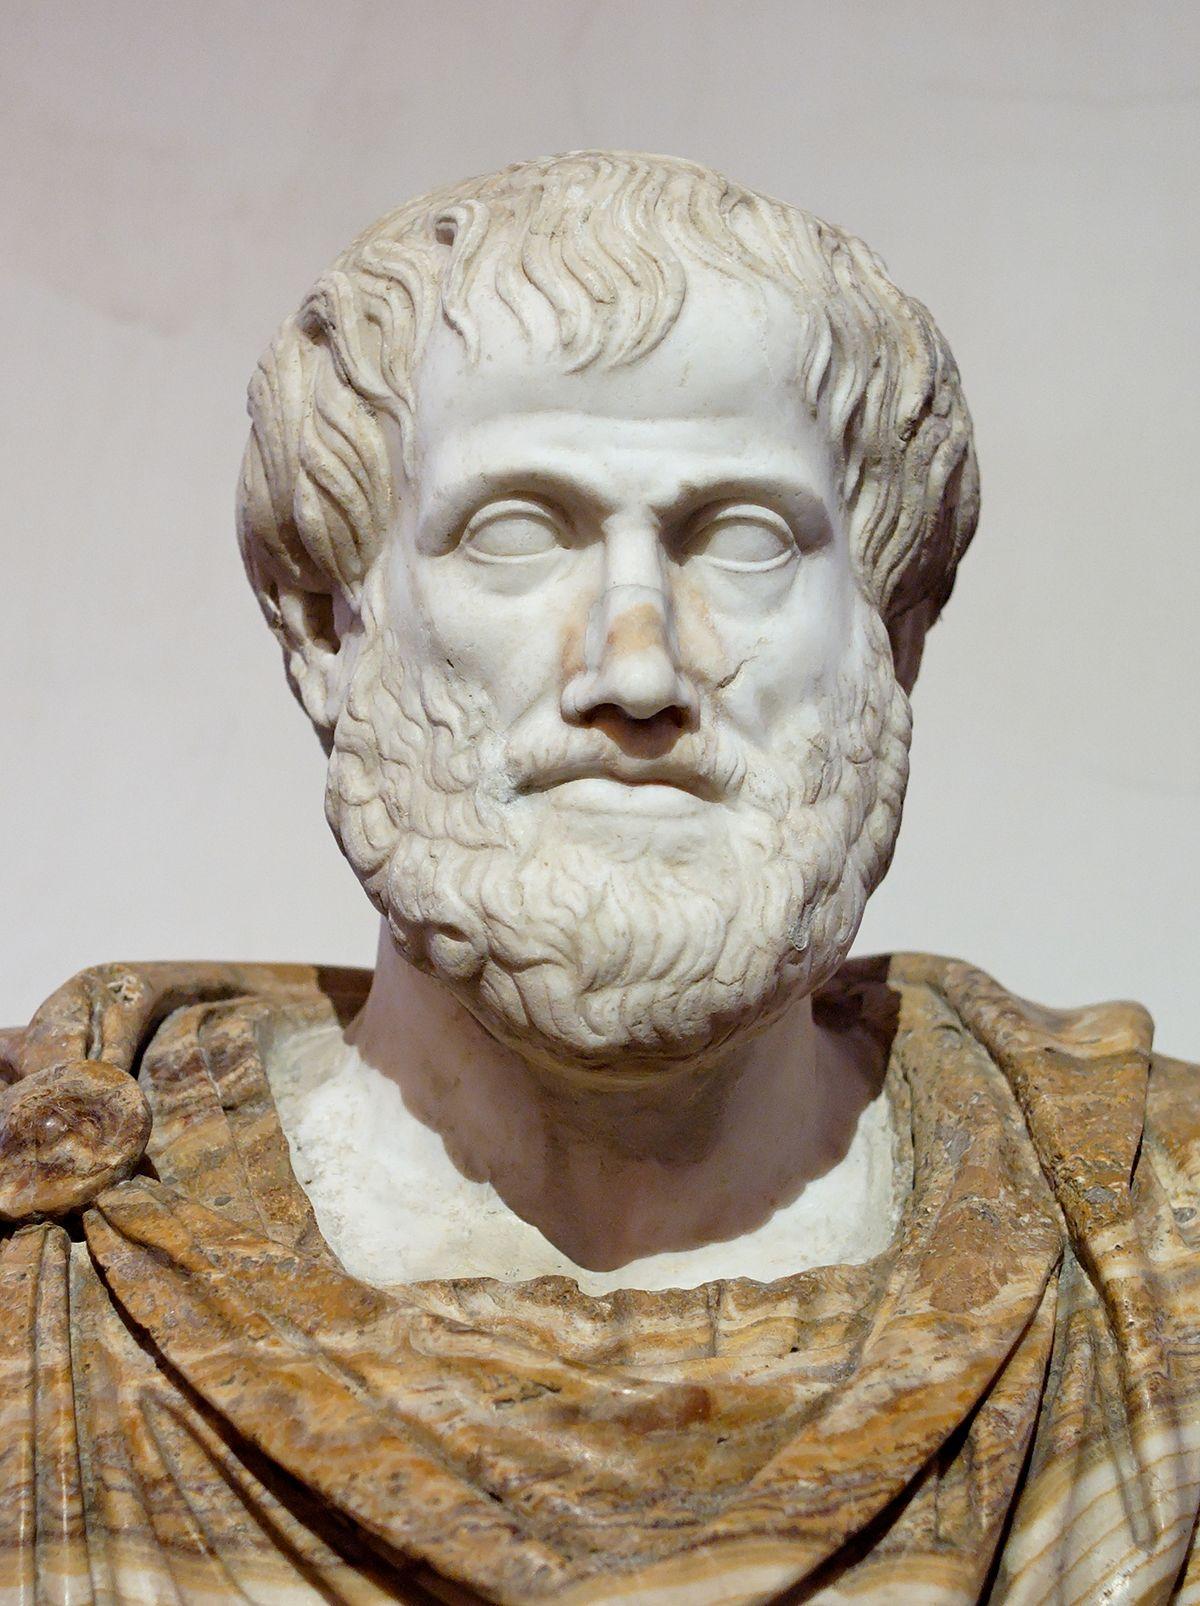 مقاله در مورد ارسطو فیلسوف بزرگ یونانی